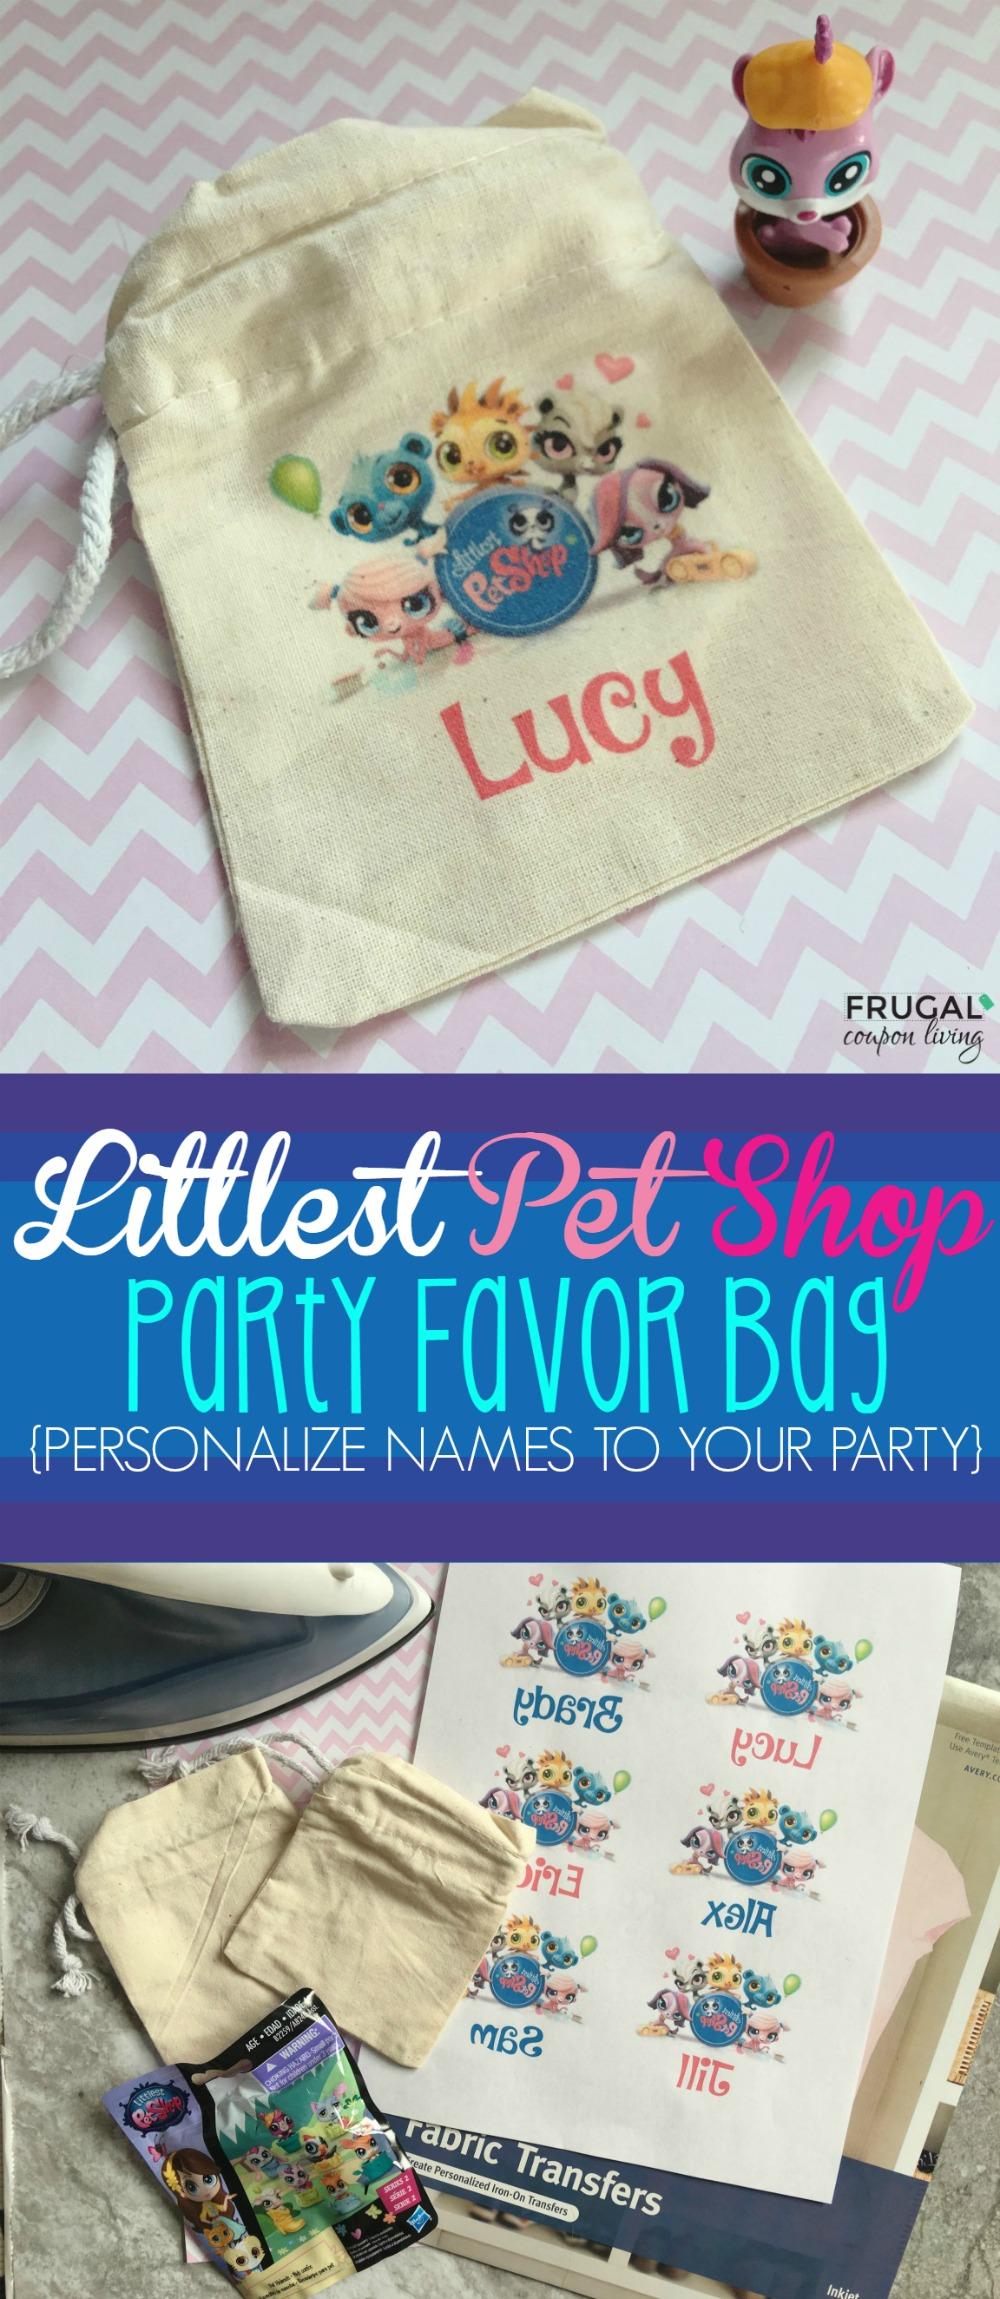 Littlest-Pet-Shop-Party-Favor-Bag-Frugal-Coupon-Living